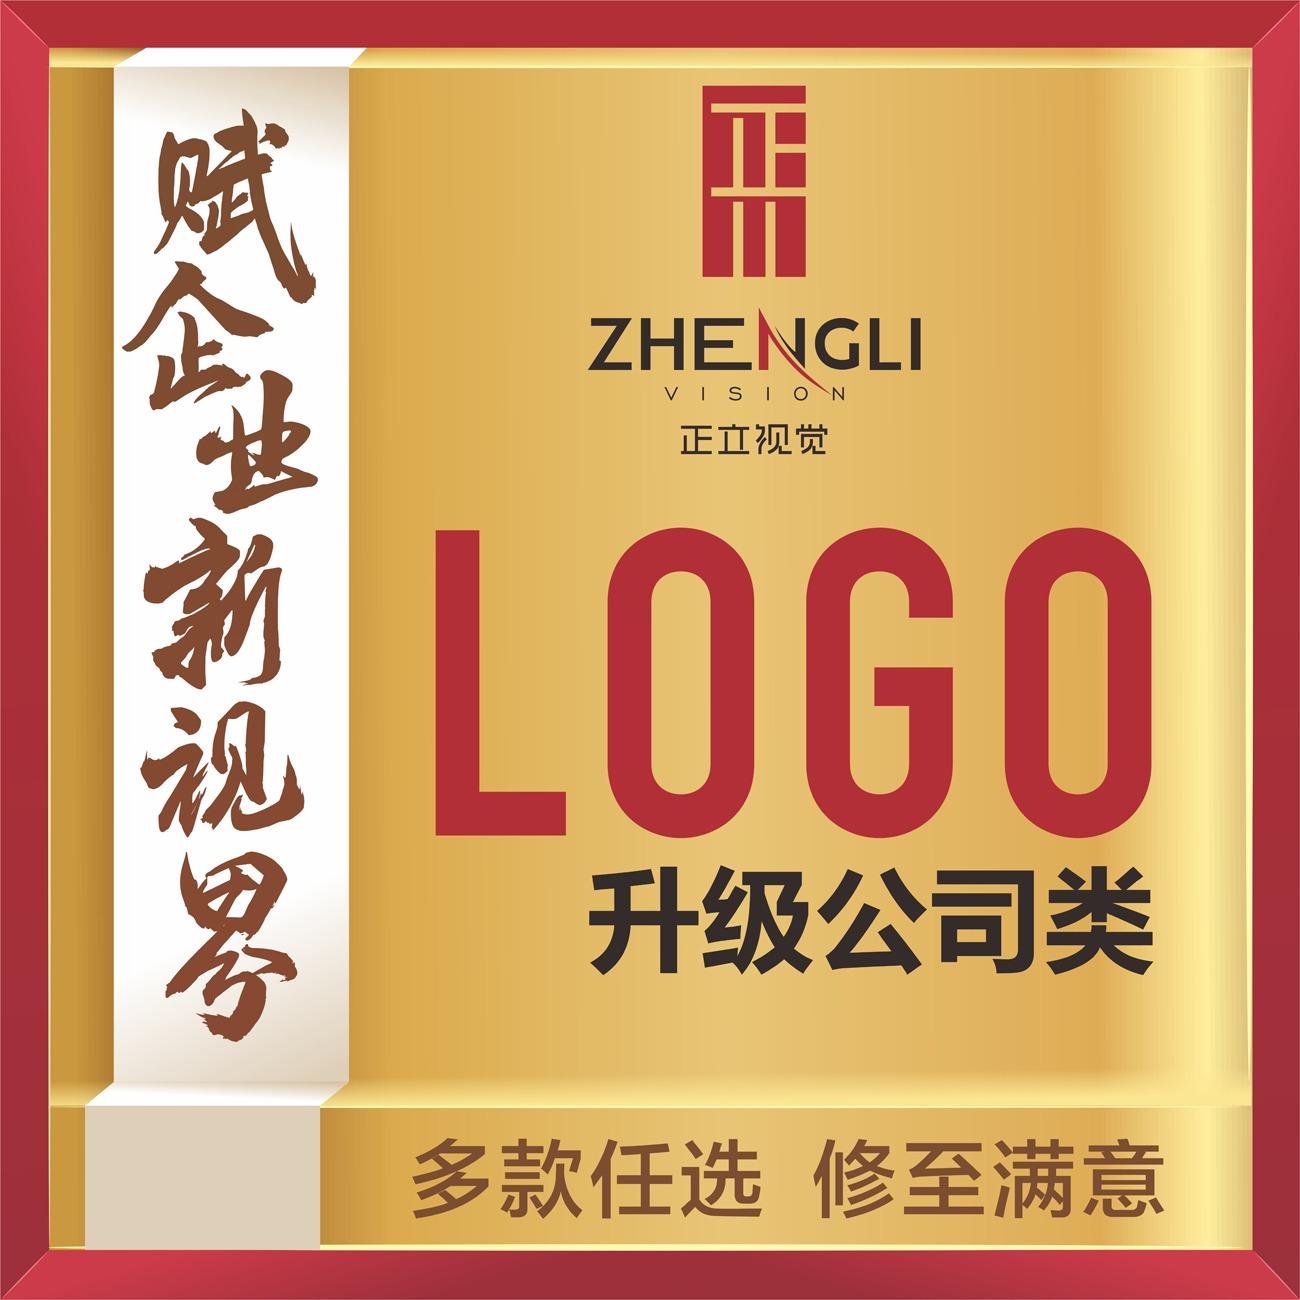 企业形象logo定制商标设计产品贴标图文标识图形字体卡通插画